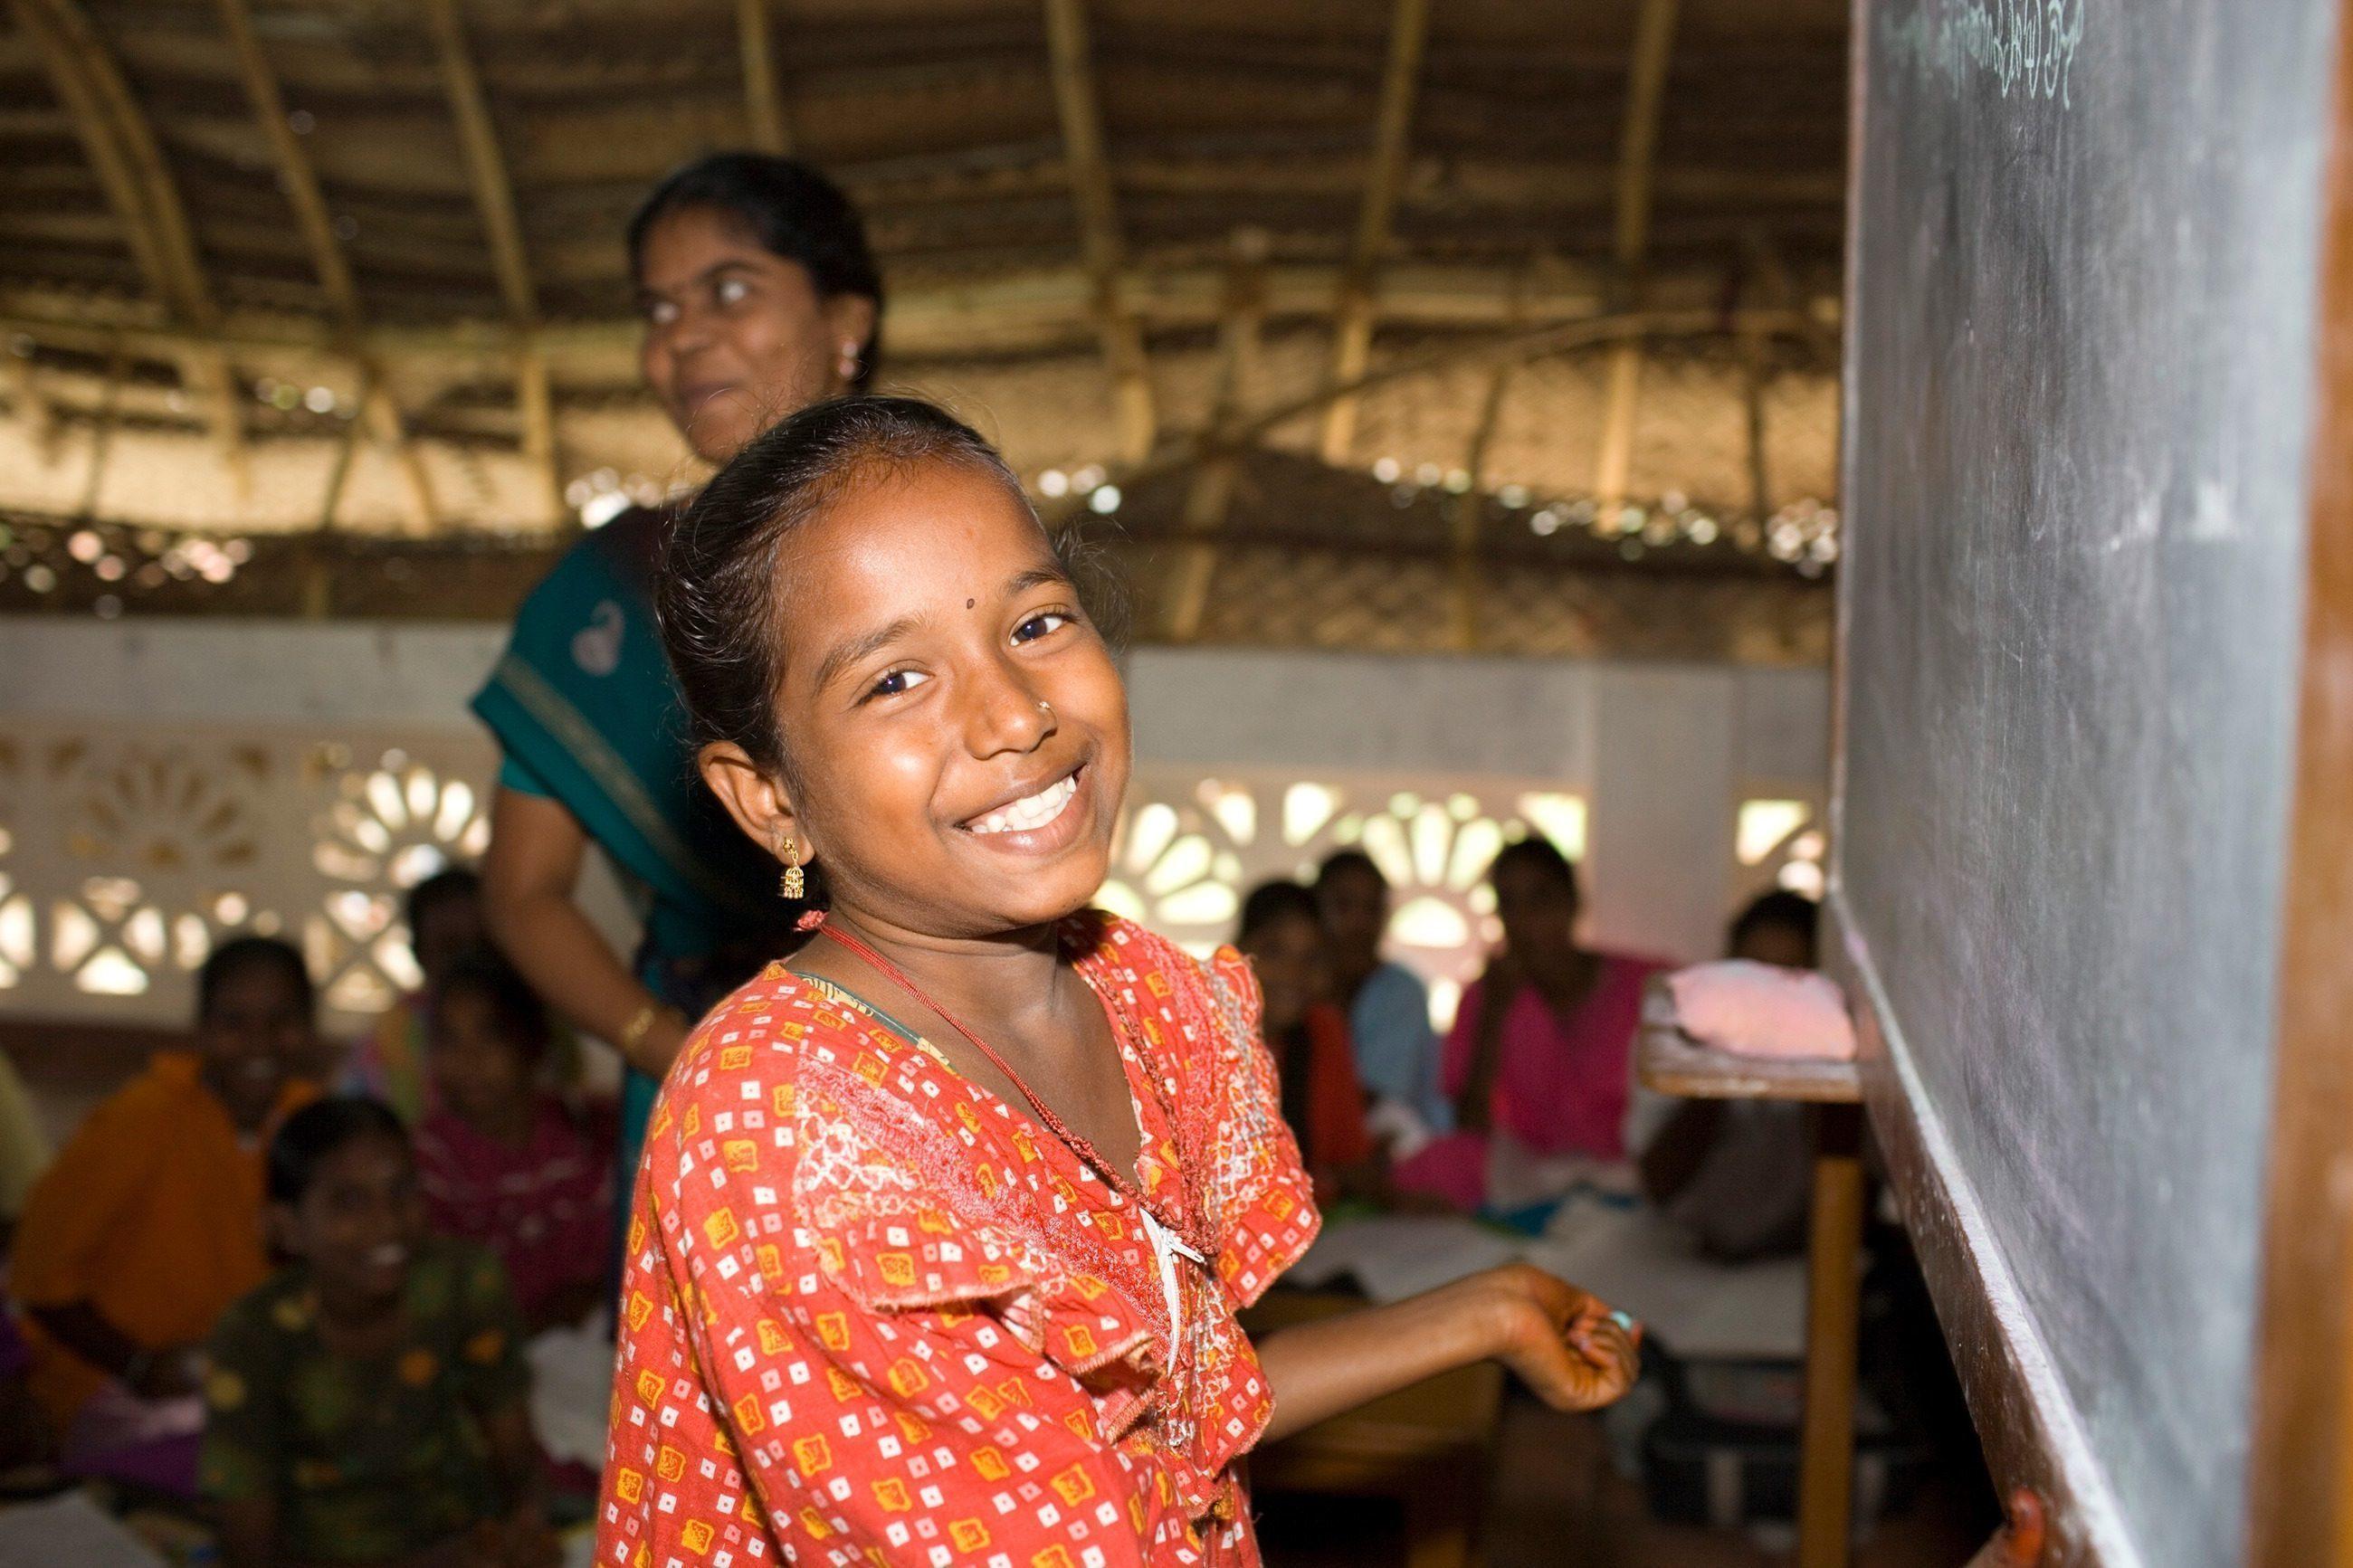 Ein indisches Mädchen steht lächelnd an der Tafel.